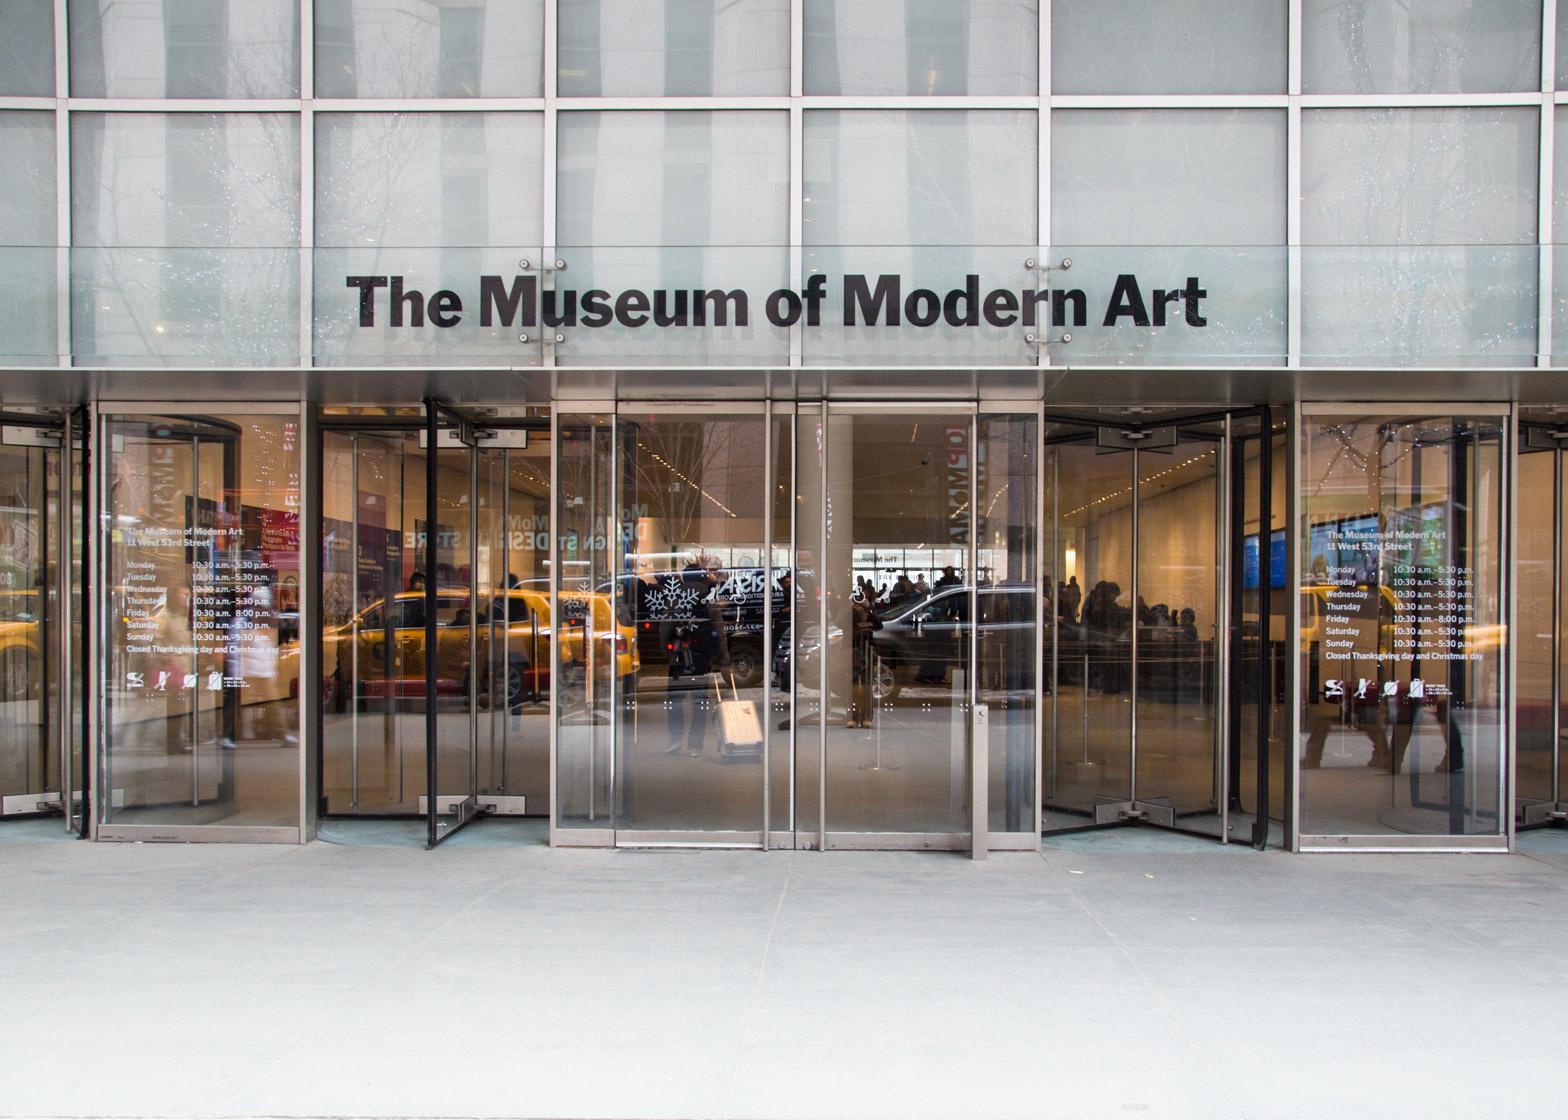 Curso de Fotografía Impartido por el Museo de Arte Moderno [GRATIS] *[EN INGLÉS]*